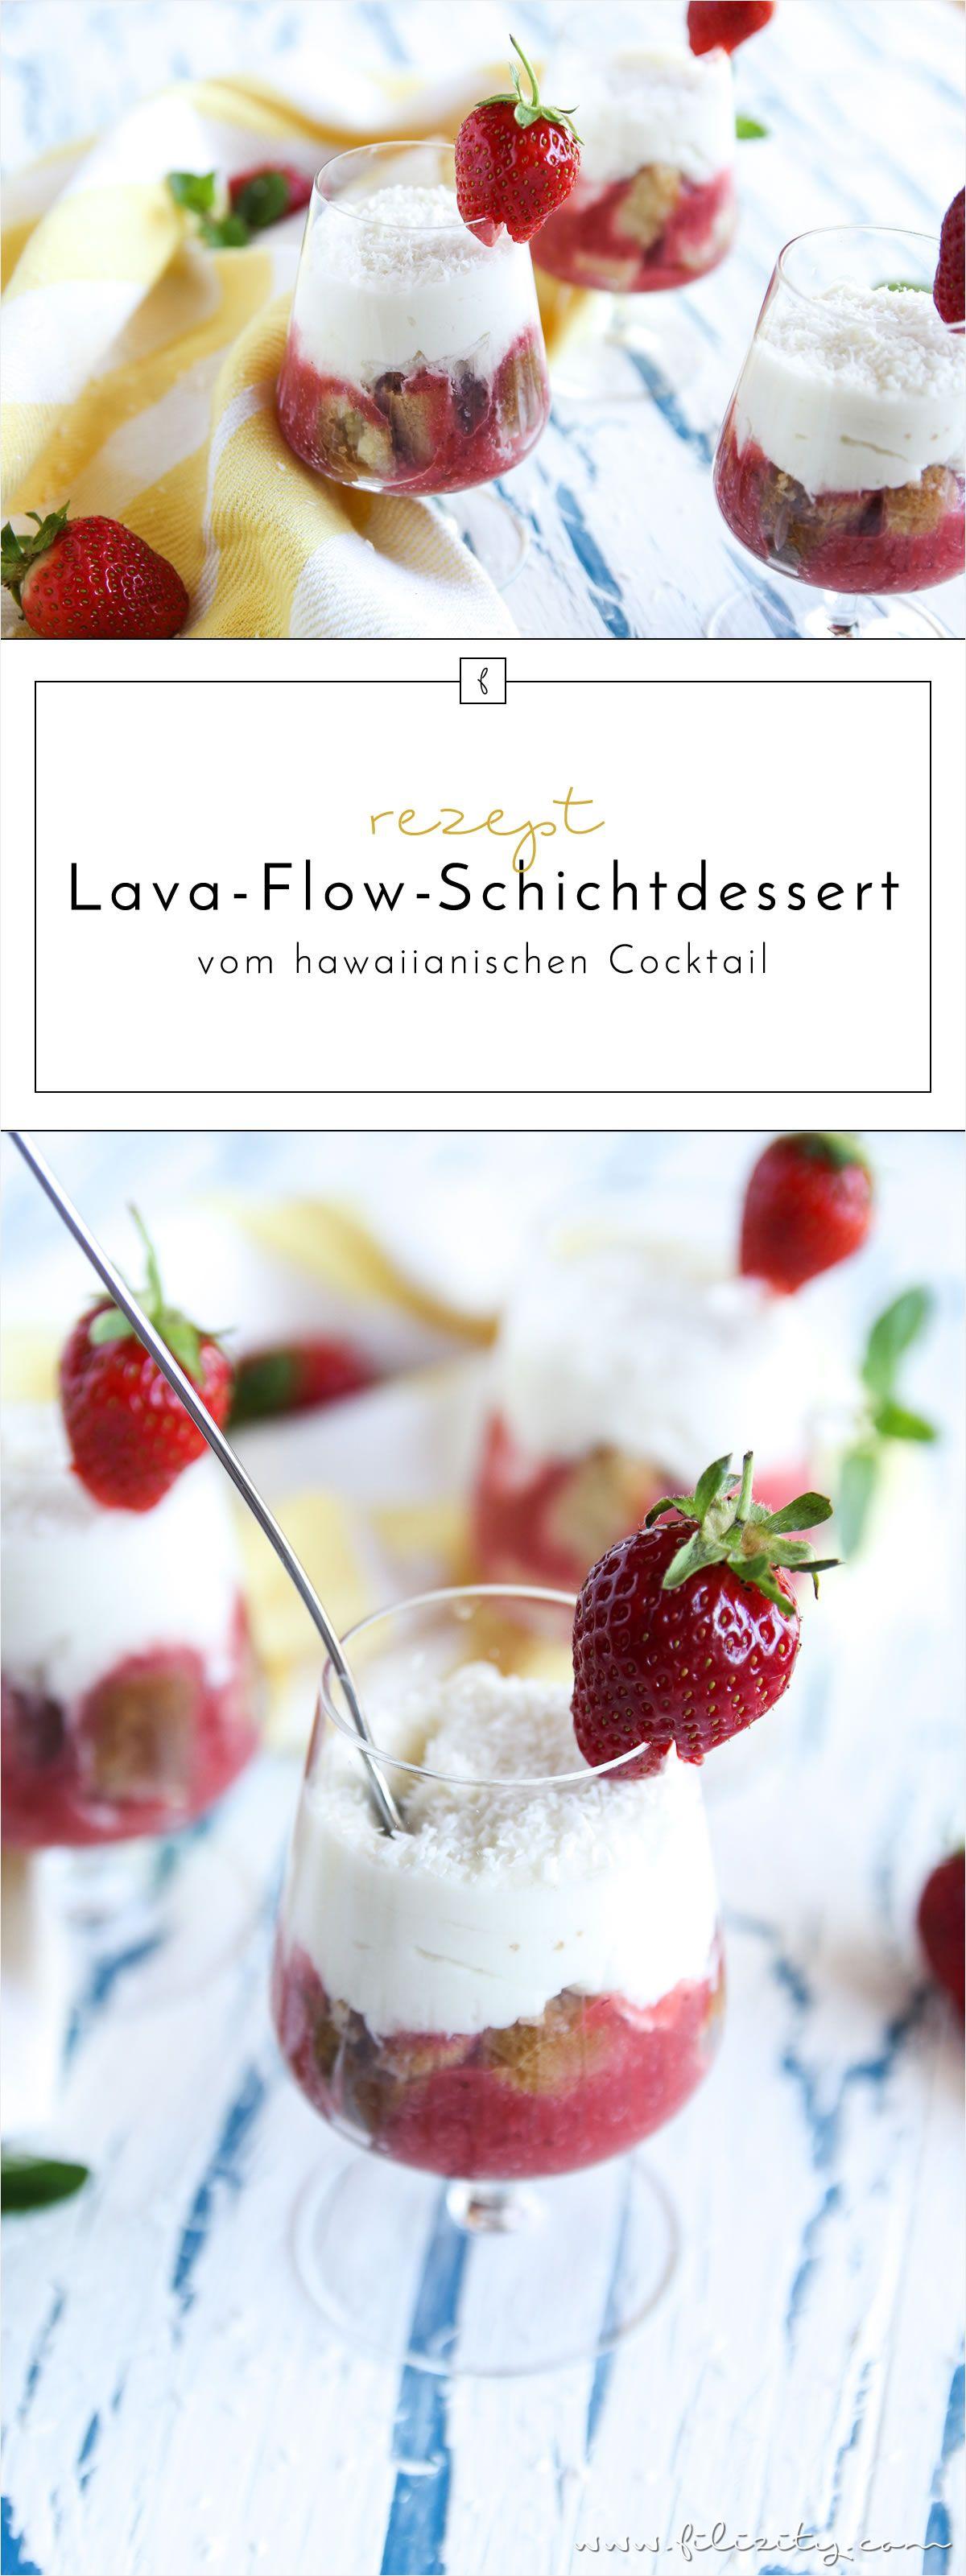 Sommer Rezept Lava Flow Schichtdessert vom hawaiianischen Cocktail mit oder ohne